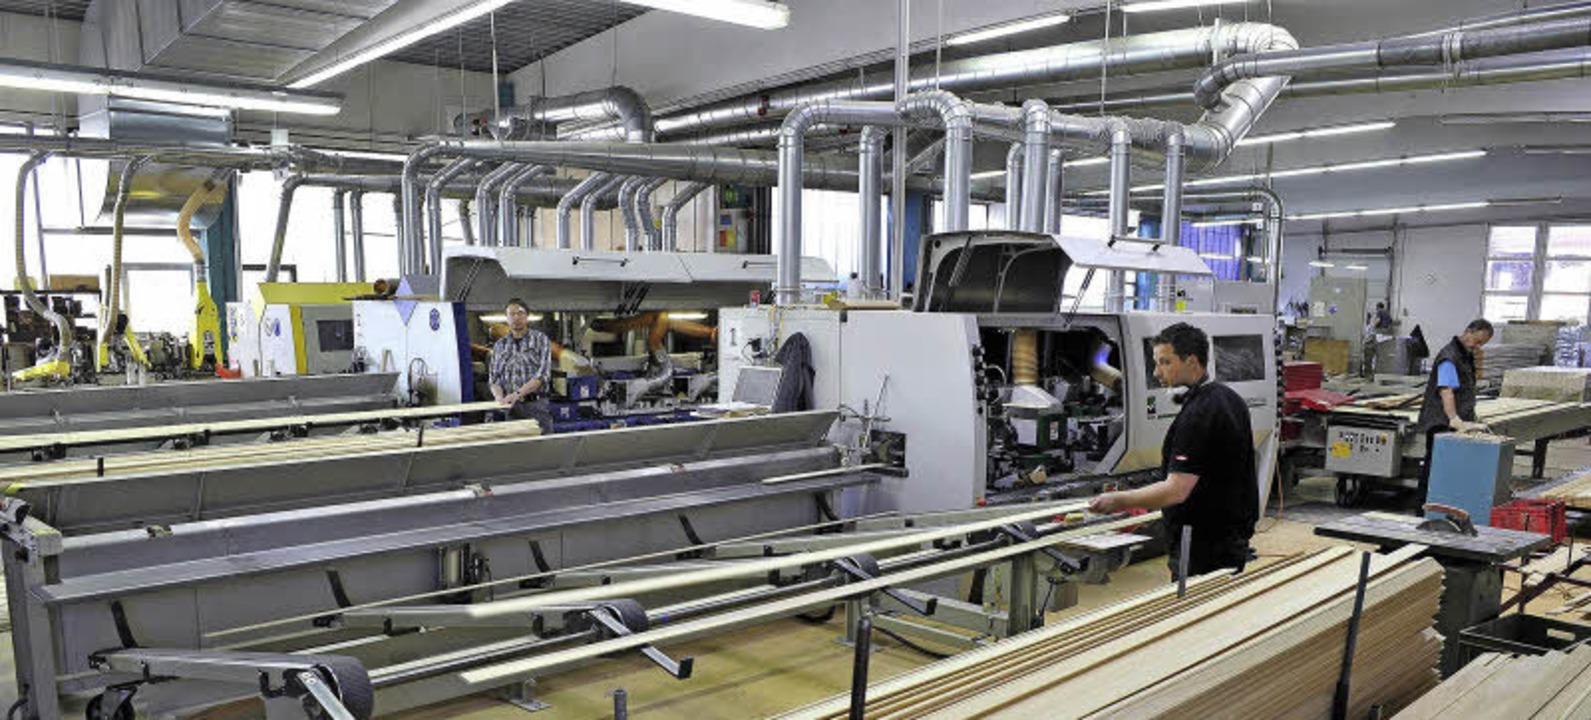 Ein Blick in die Produktionshalle     Foto: Thomas Kunz